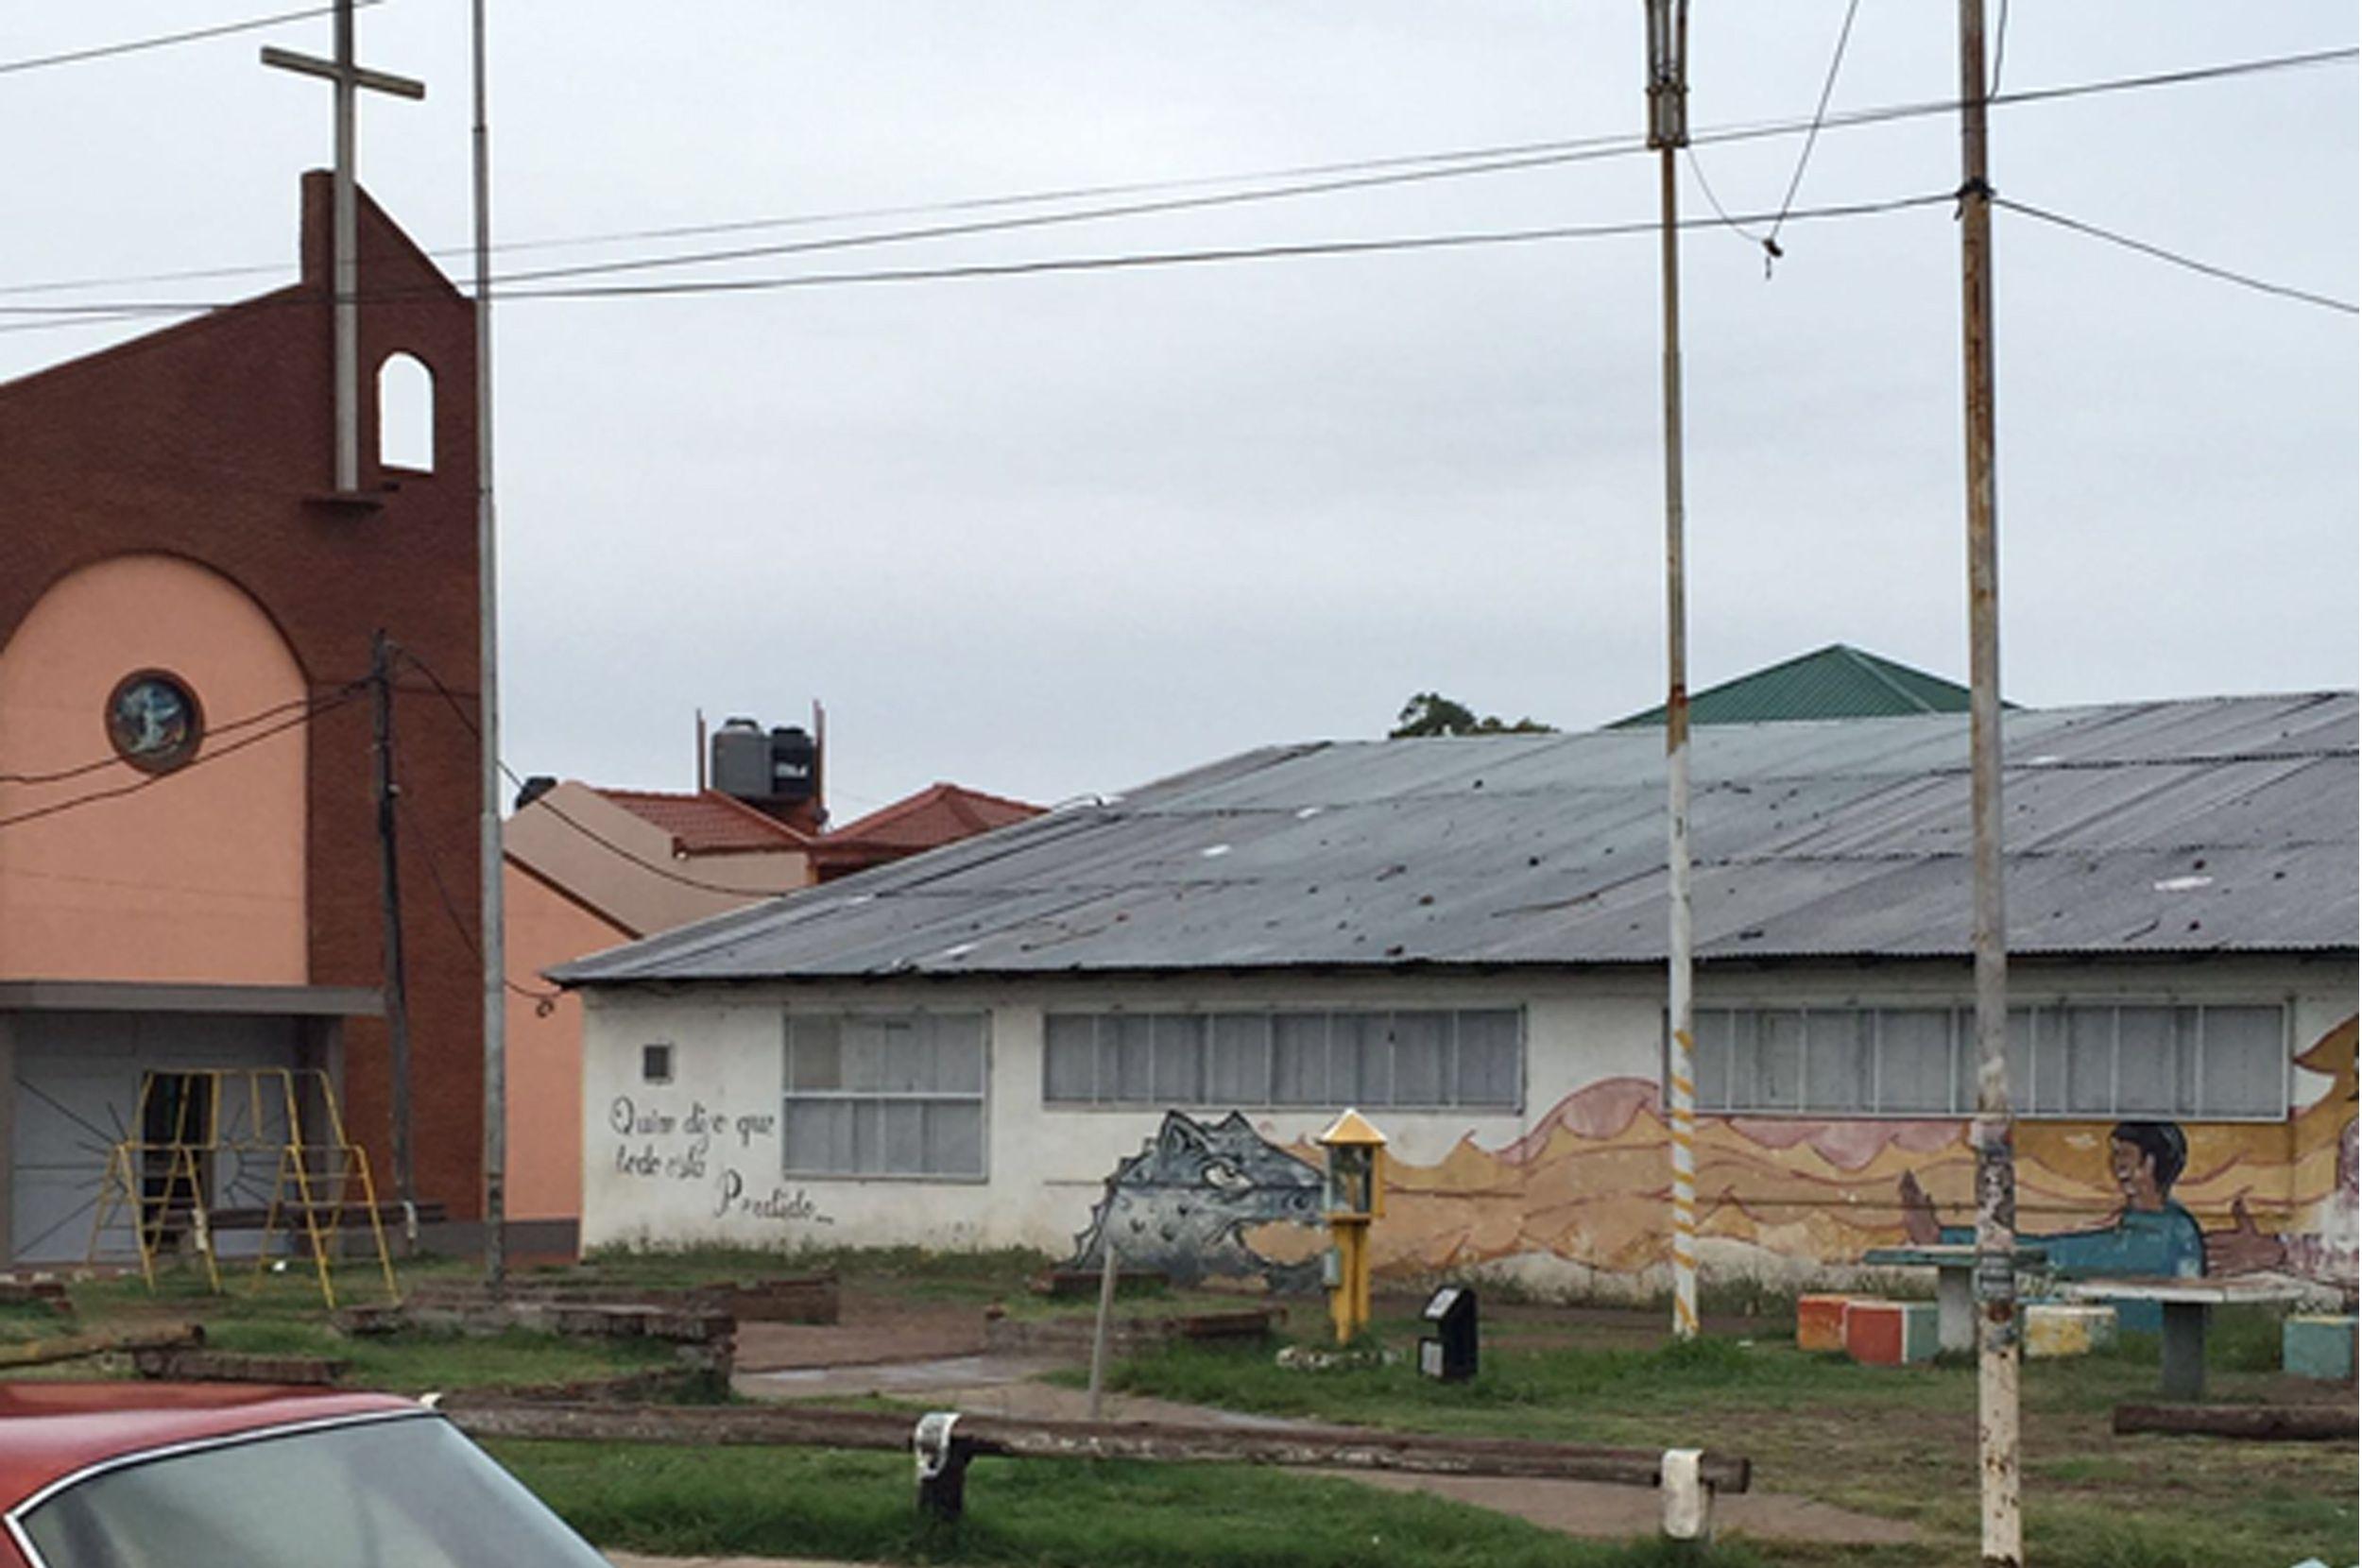 Centro cultural donde funciona la Banda Sinfónica Barrial